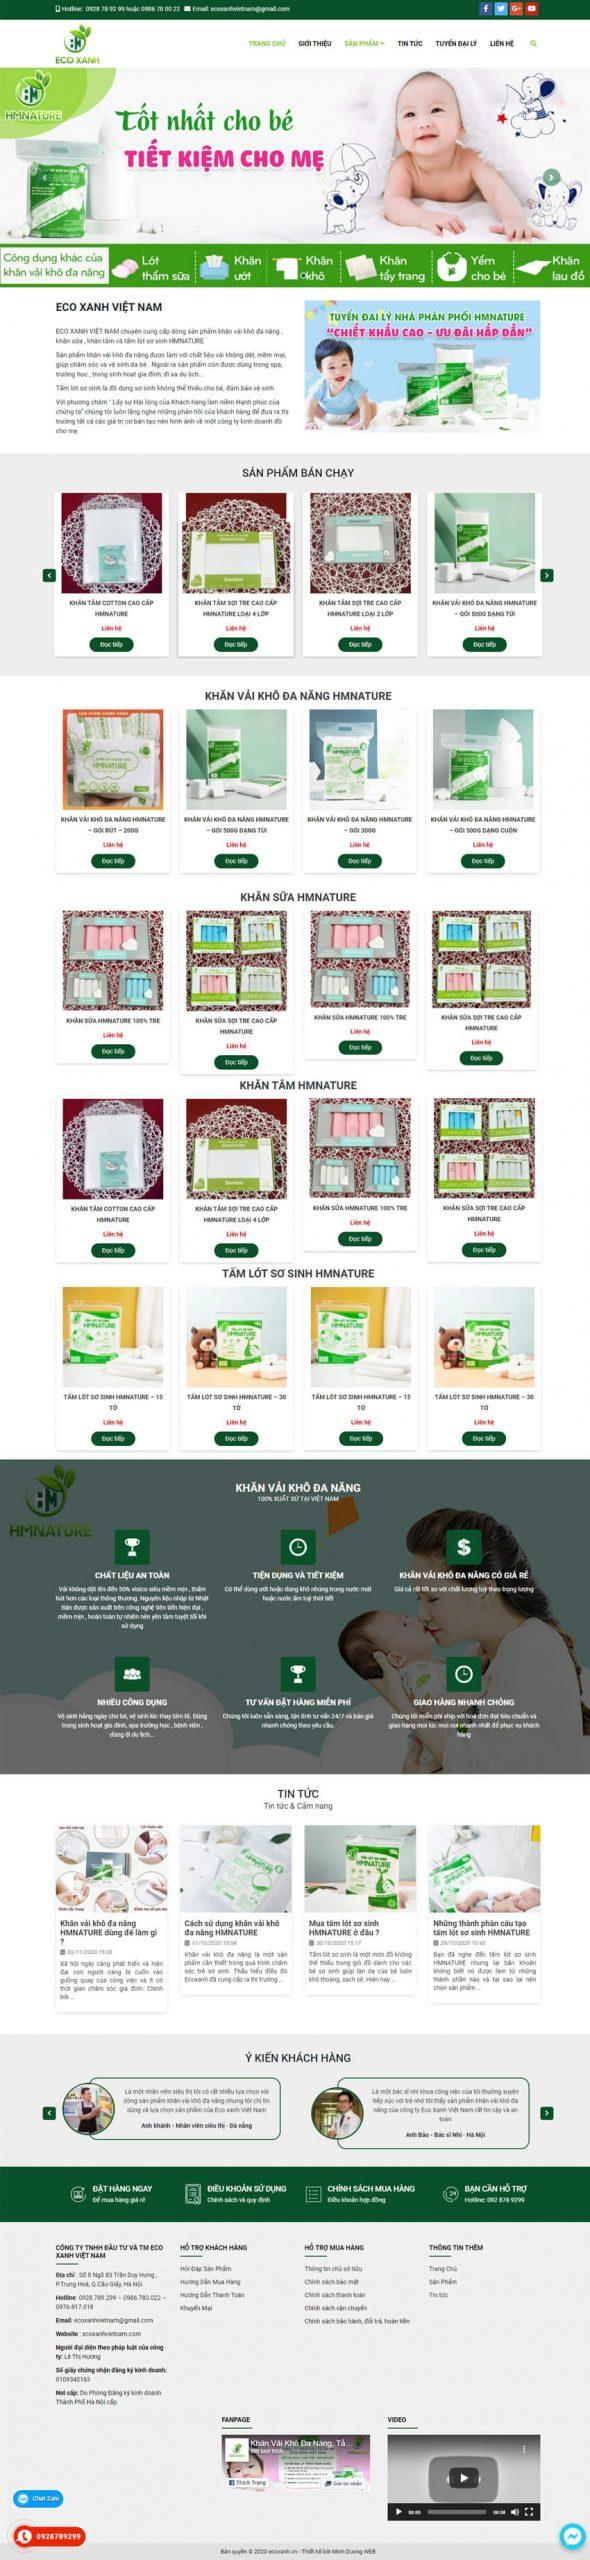 thiết kế web eco xanh Việt Nam